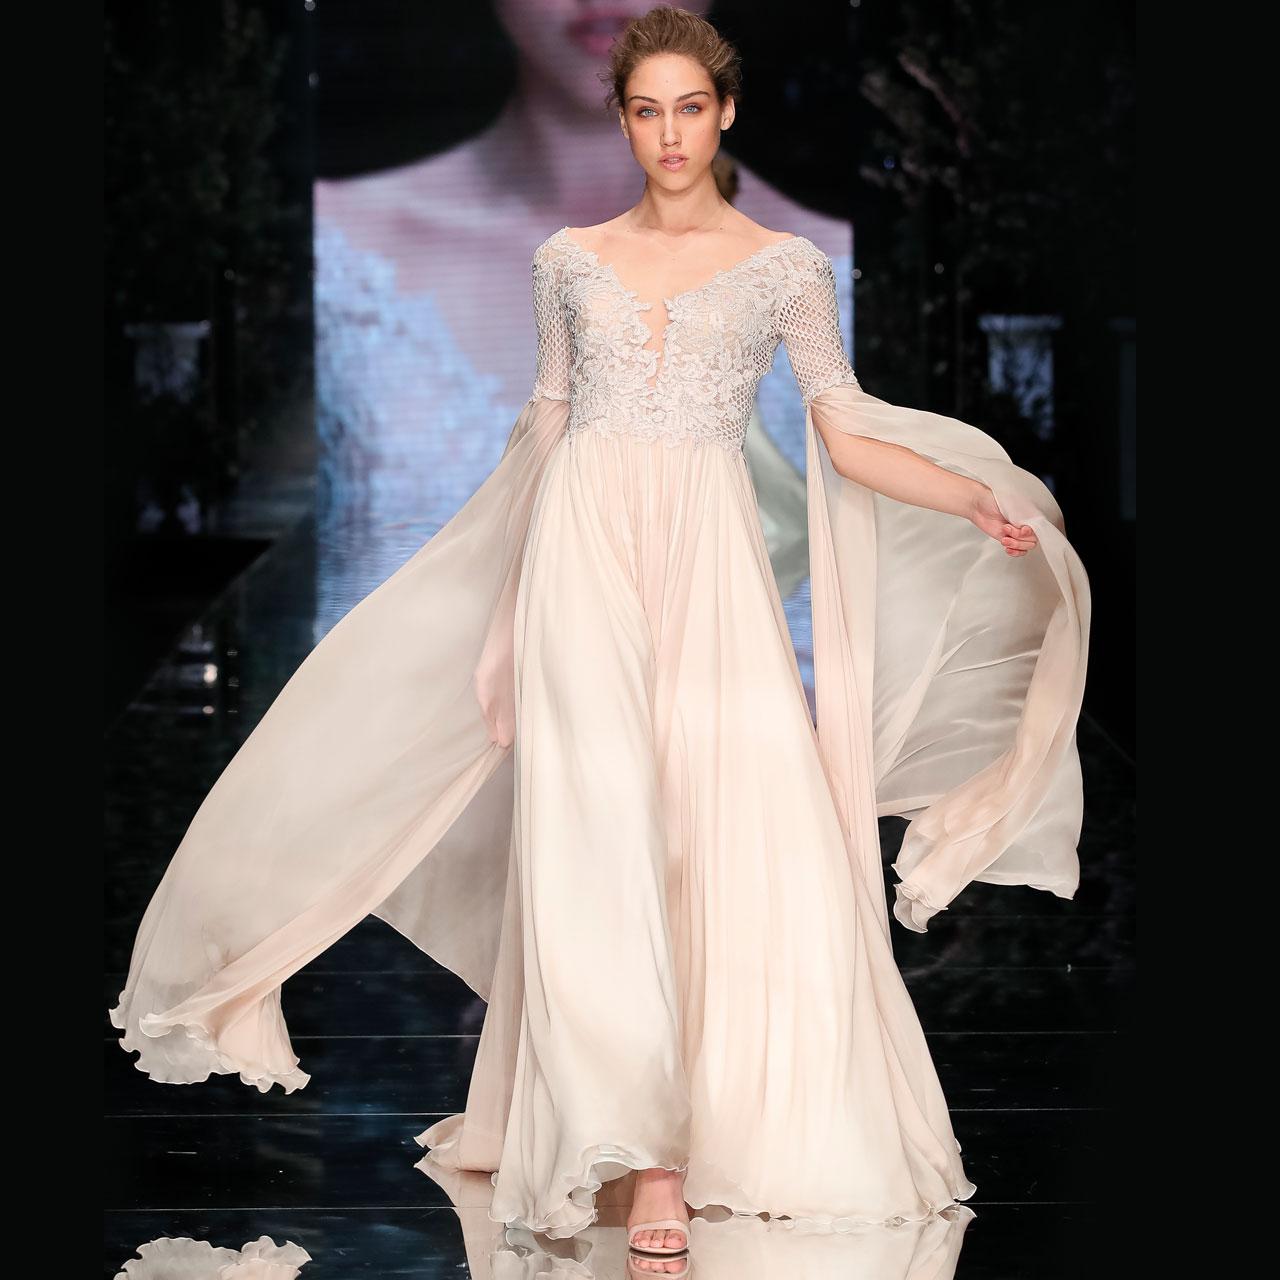 miglior sito web nuovo concetto vendita a basso prezzo Enzo Miccio Bridal Collection – Bridal Collection Enzo Miccio